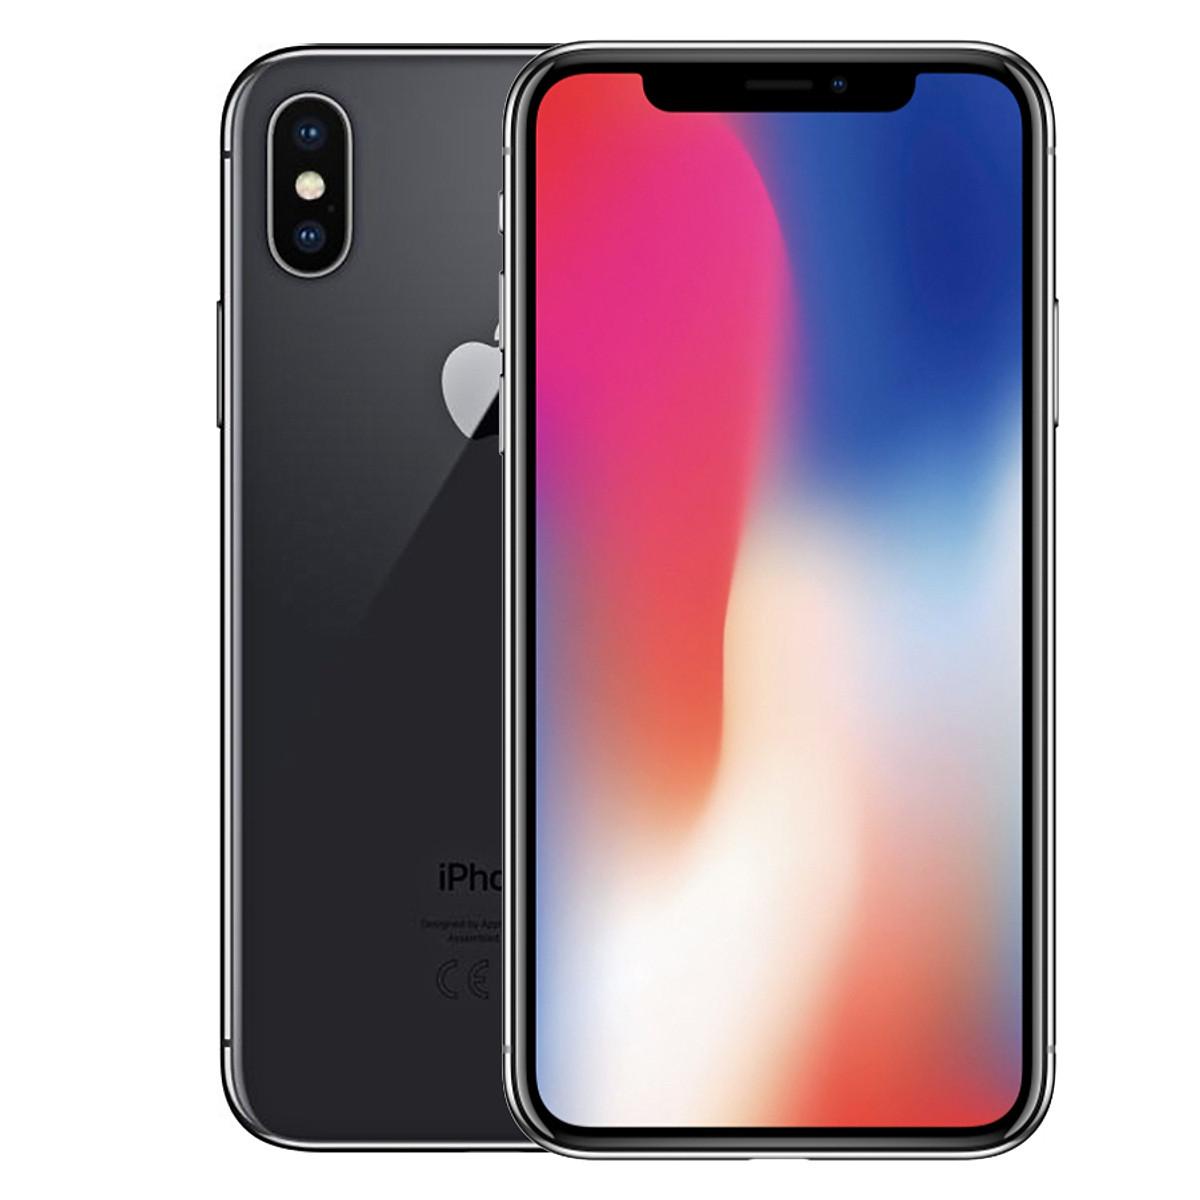 iPhone giảm giá HOT: iPhone XS Max, iPhone XR, iPhone 8 Plus... - 4